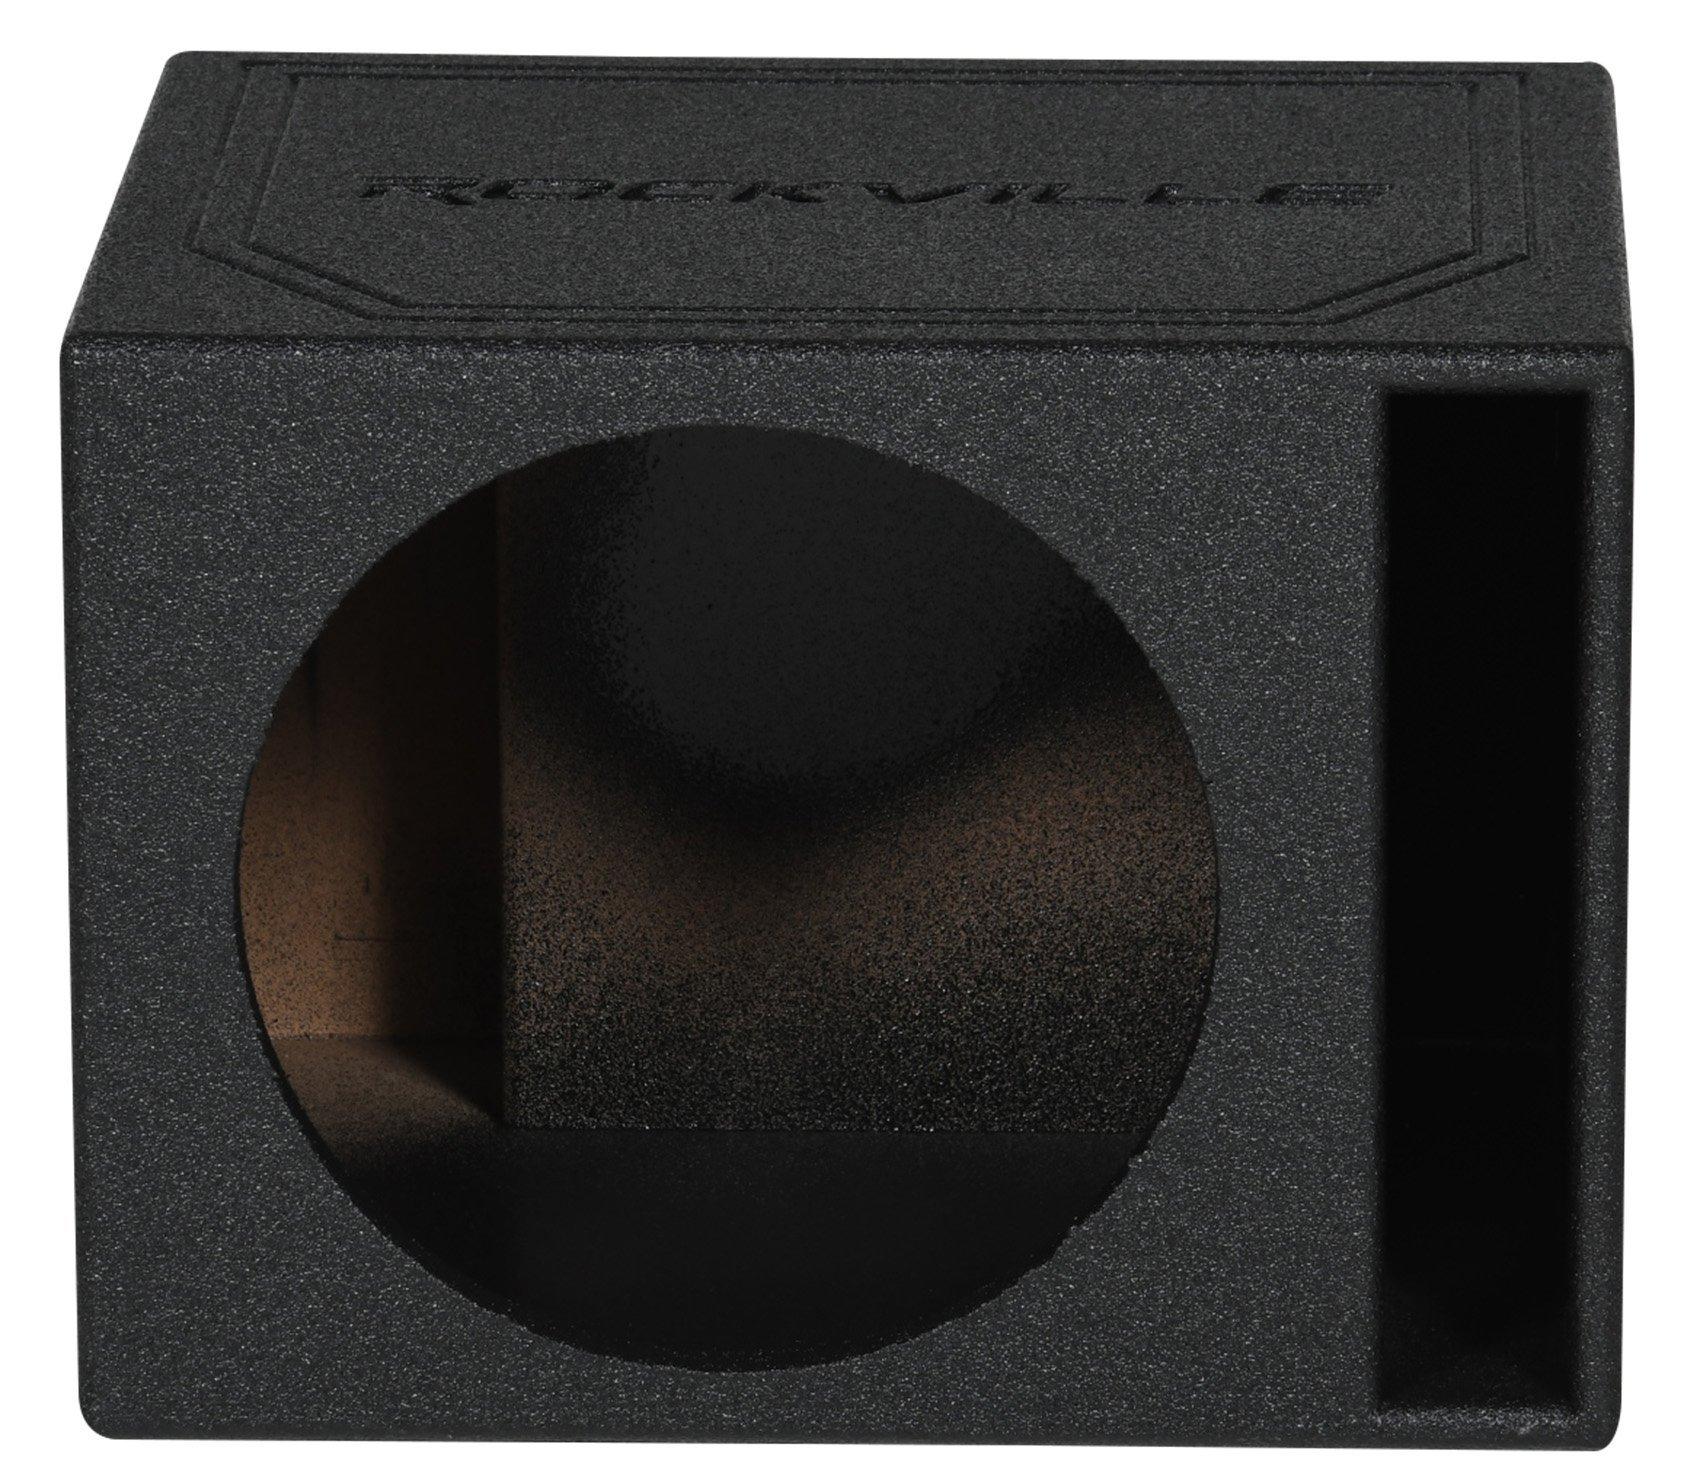 """Rockville RSV12B Single 12"""" 1.22 cu.ft. Bedlined Vented Subwoofer Enclosure Box"""